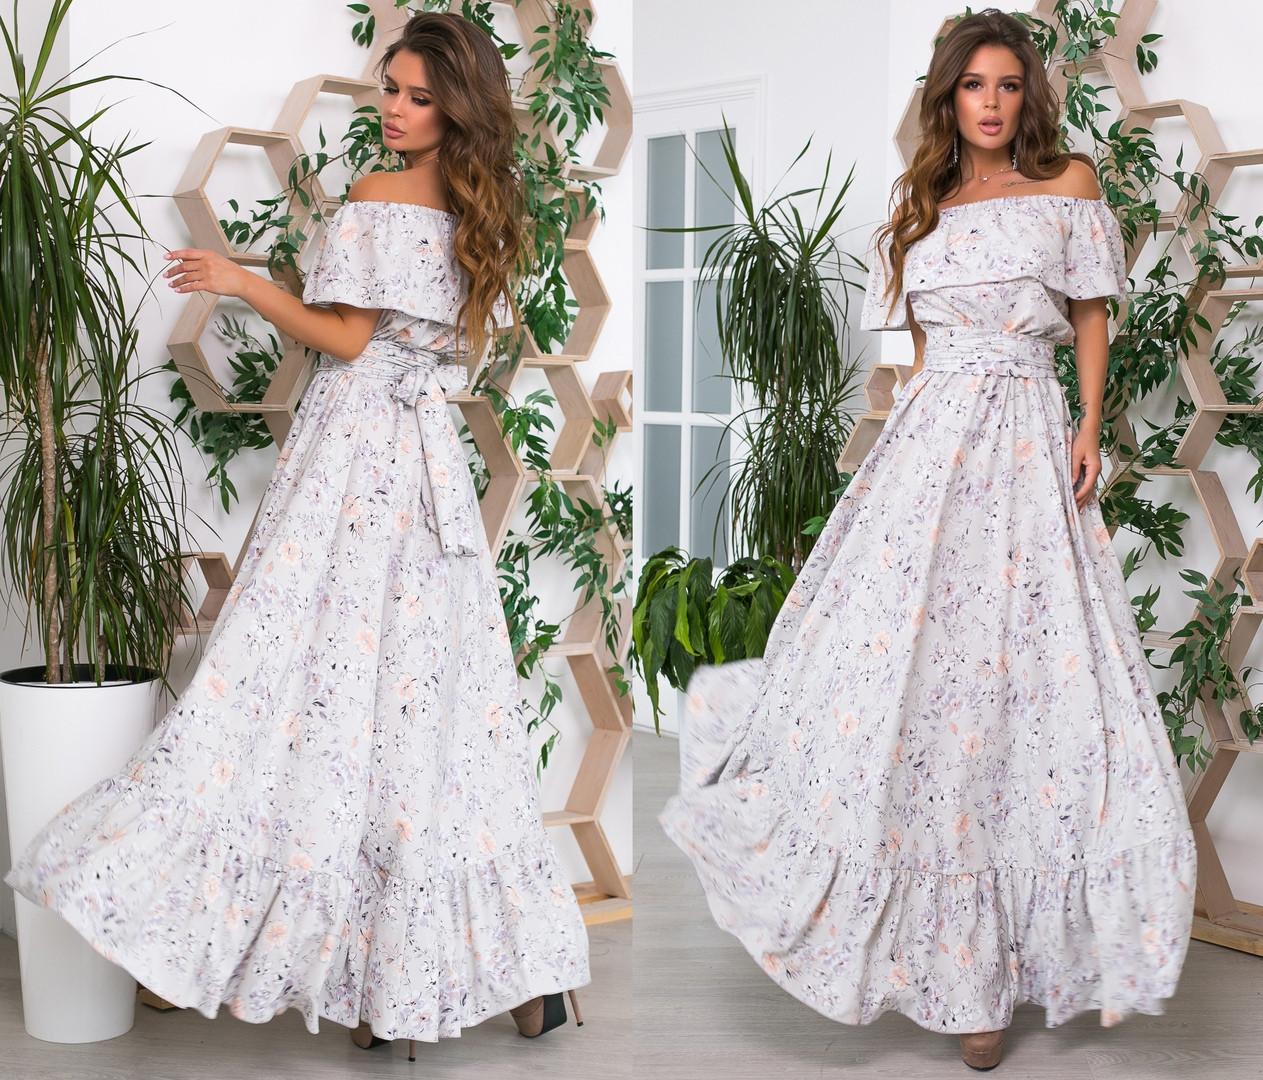 Женское летнее платье в пол с открытыми плечами.Размеры: 42/44/46. +цвета